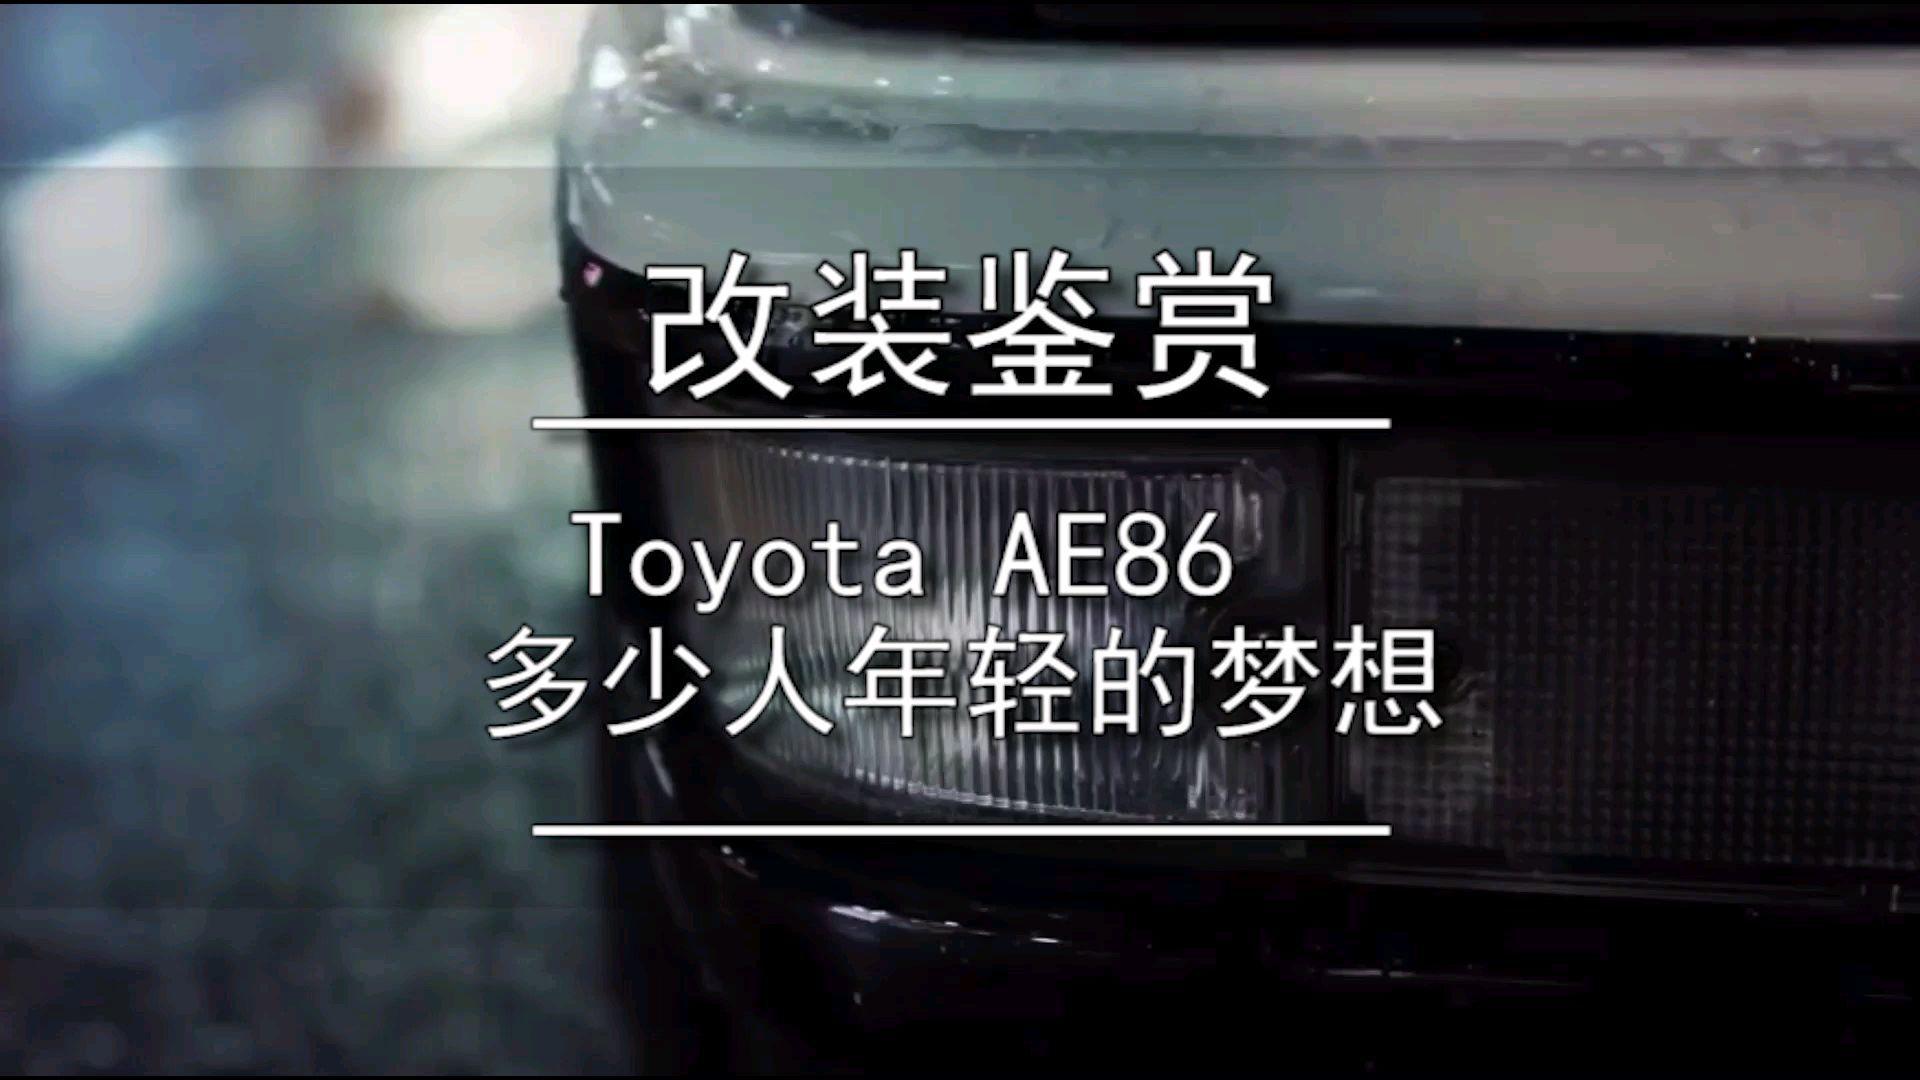 秋名山,礼拜六晚上八点,小雨